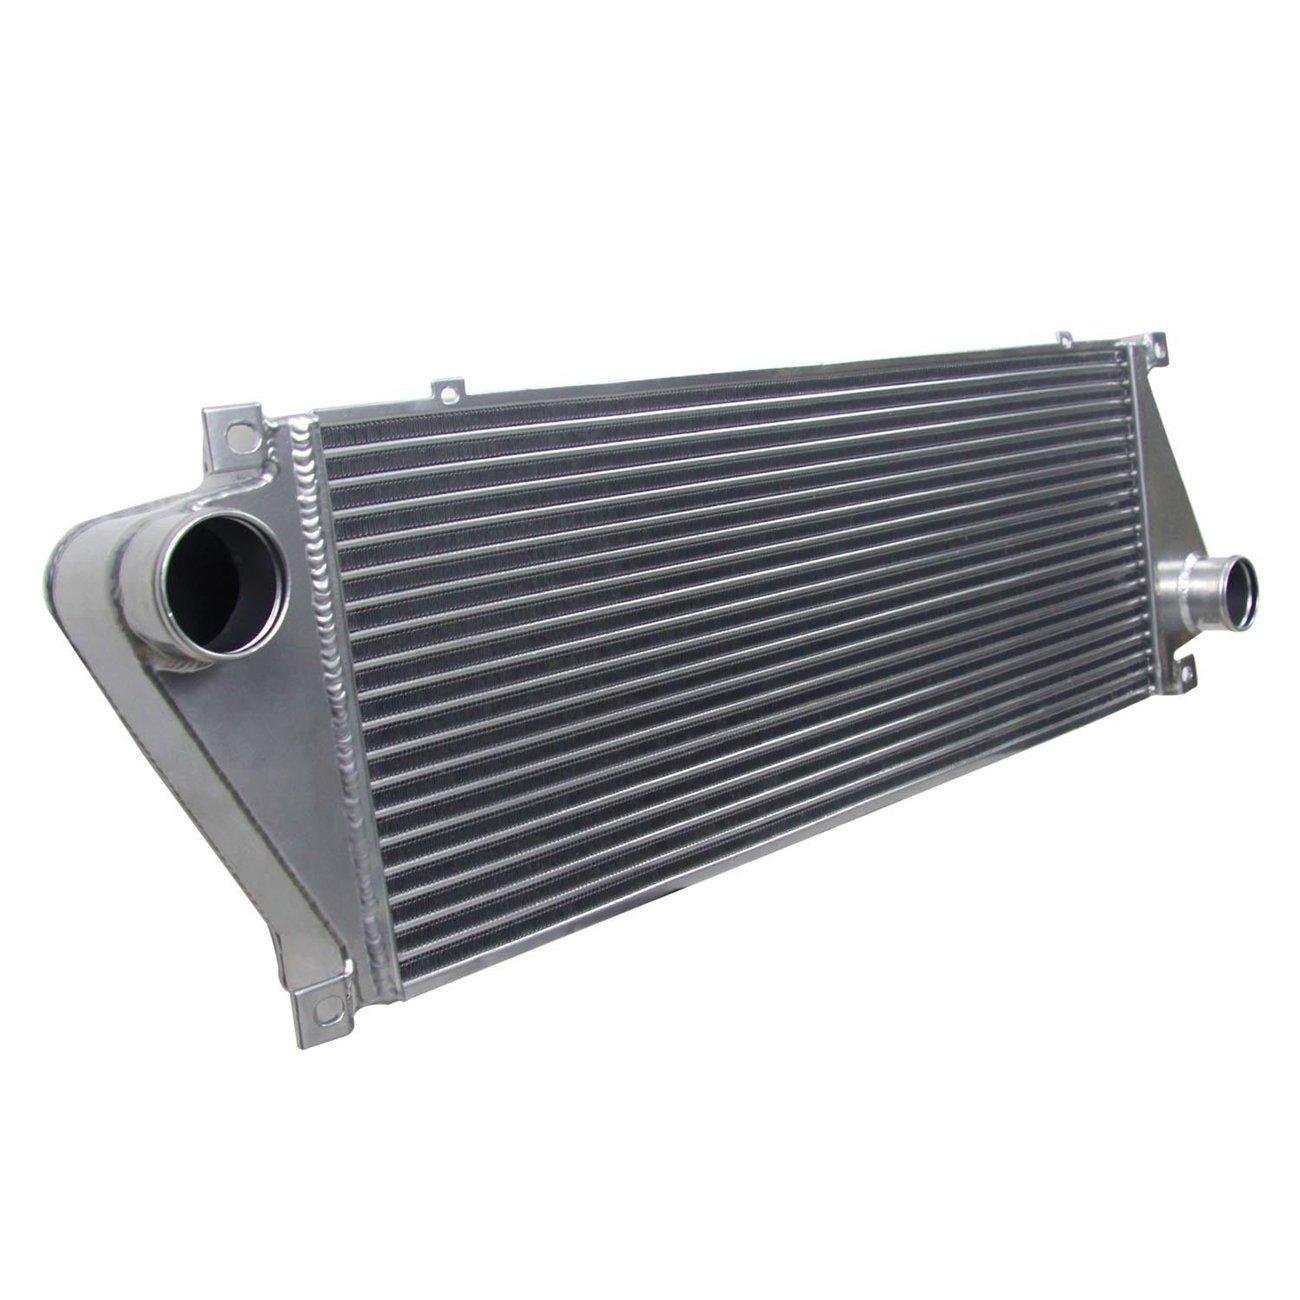 CoolingCare 56MM Aluminum Intercooler for 2002-06 Dodge/Mercedes-Benz/Freightliner Sprinter Van 2500 3500, VW LT 1996-06 Cooling Care